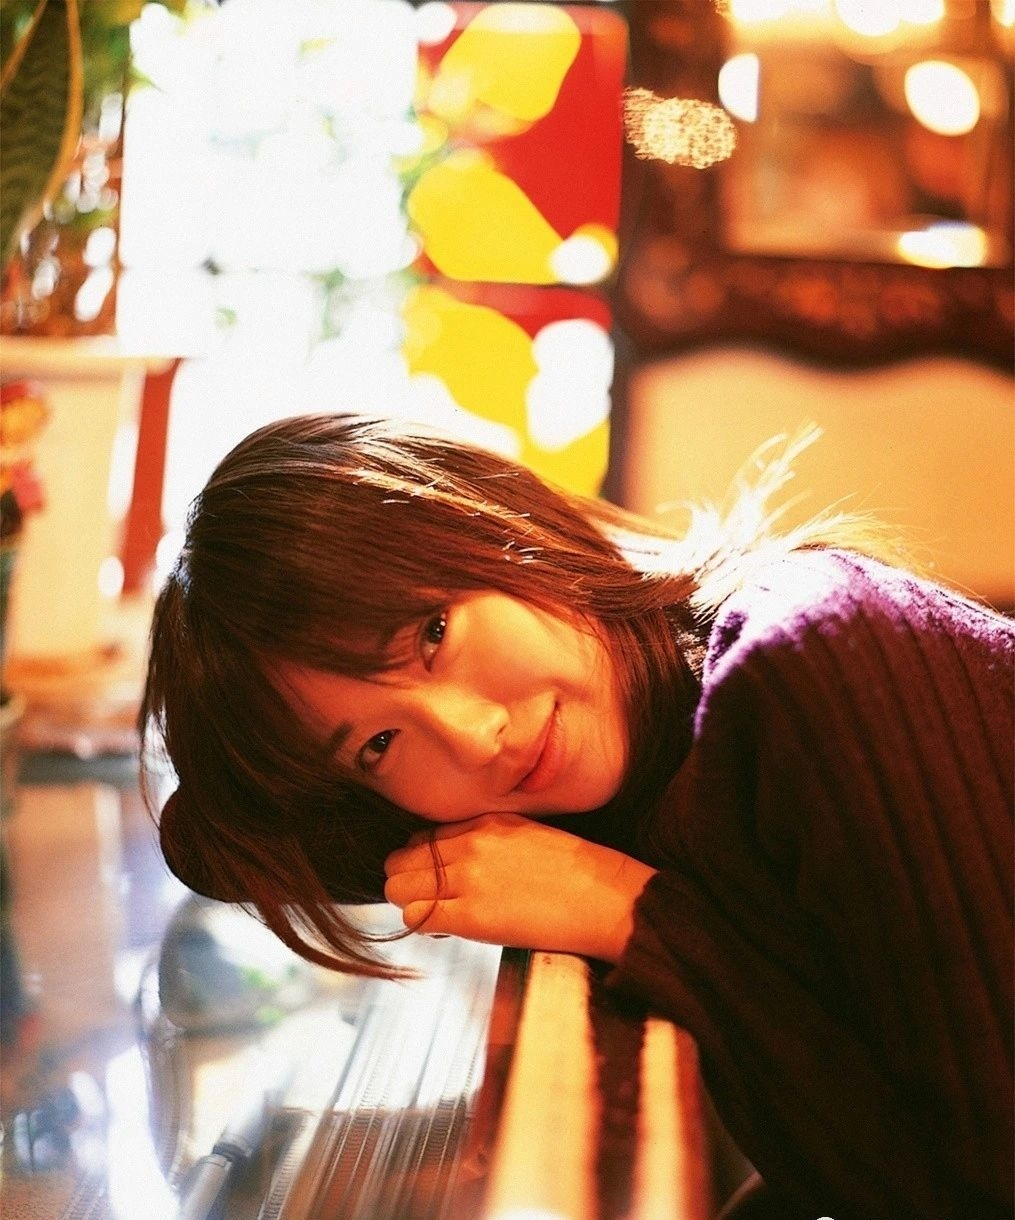 美的不可方物少女时代的户田惠梨香写真作品 (67)